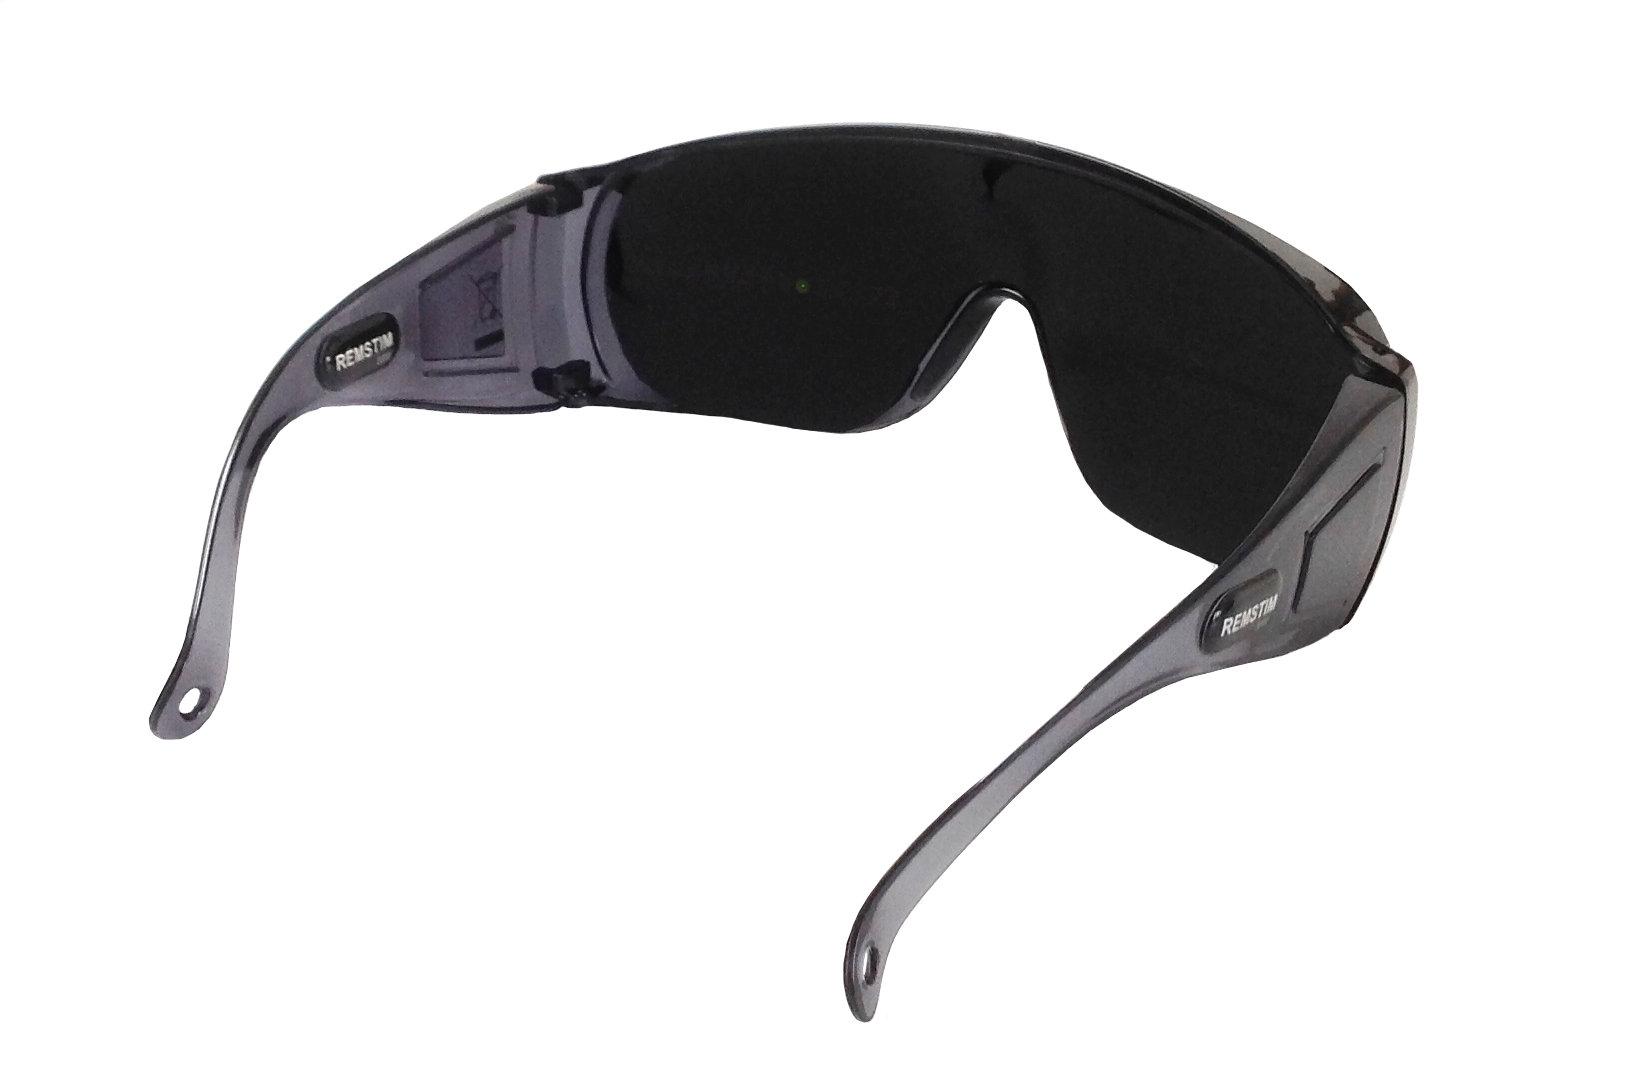 EMDR-Brille REMSTIM 3000